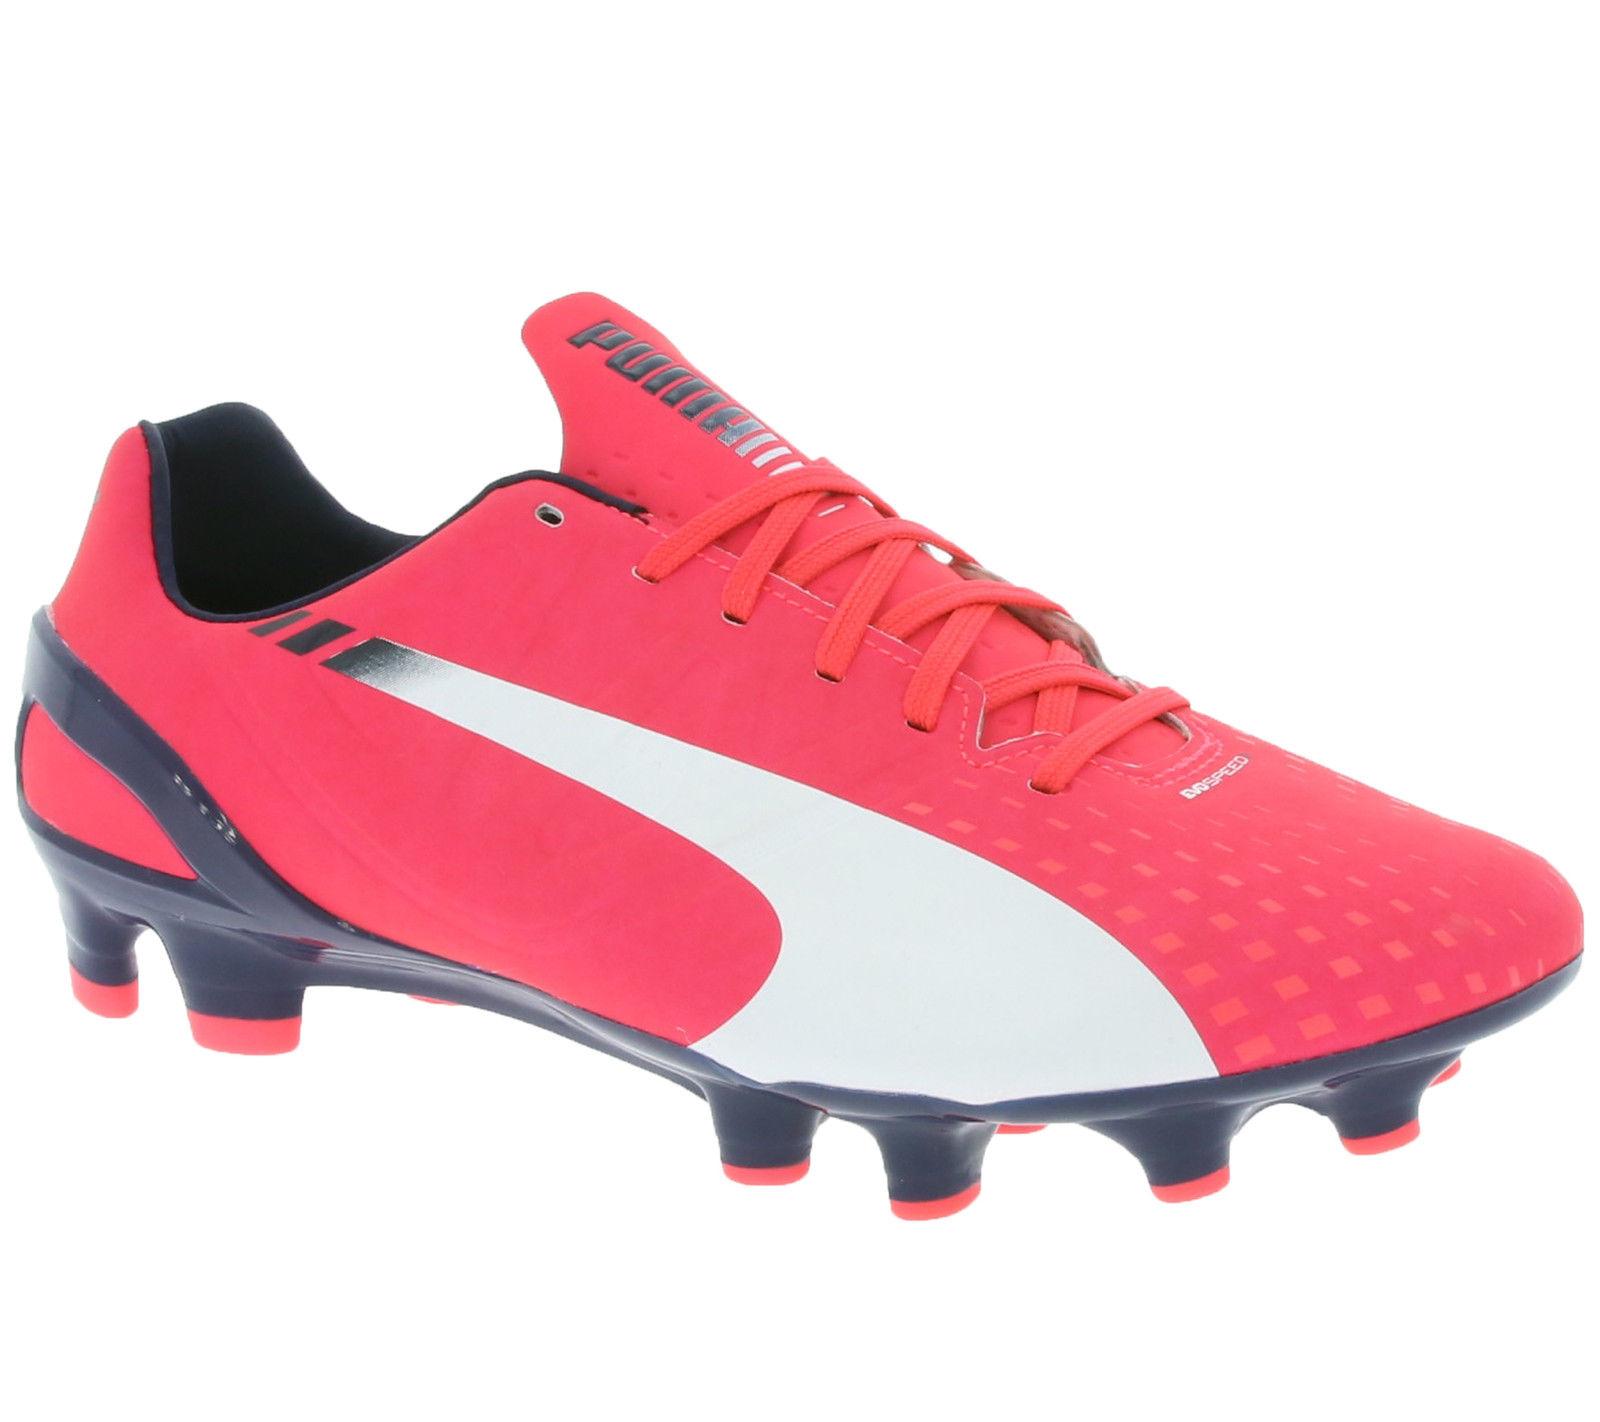 [@outlet46] PUMA evoSPEED 2.3 FG Fußballschuhe in der Farbe pink